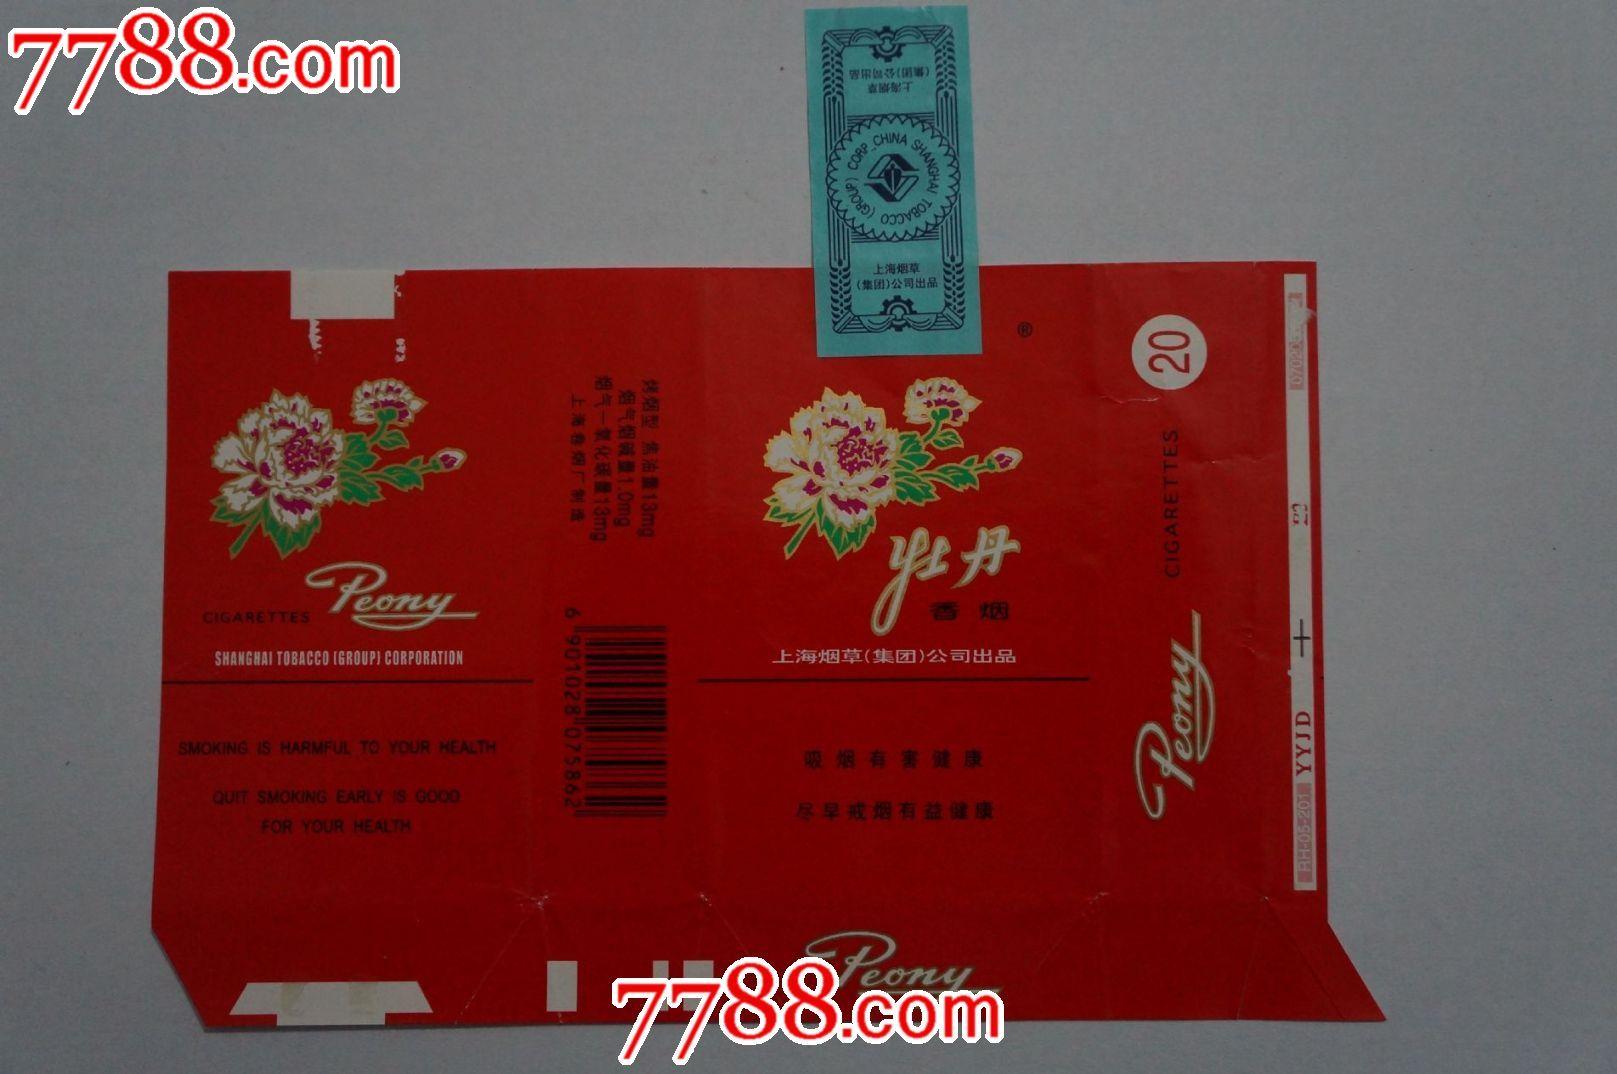 新版牡丹333标�_【333字头】绝对上海软牡丹烟标和田白玉333牡丹烟盒 【牡丹烟333】\